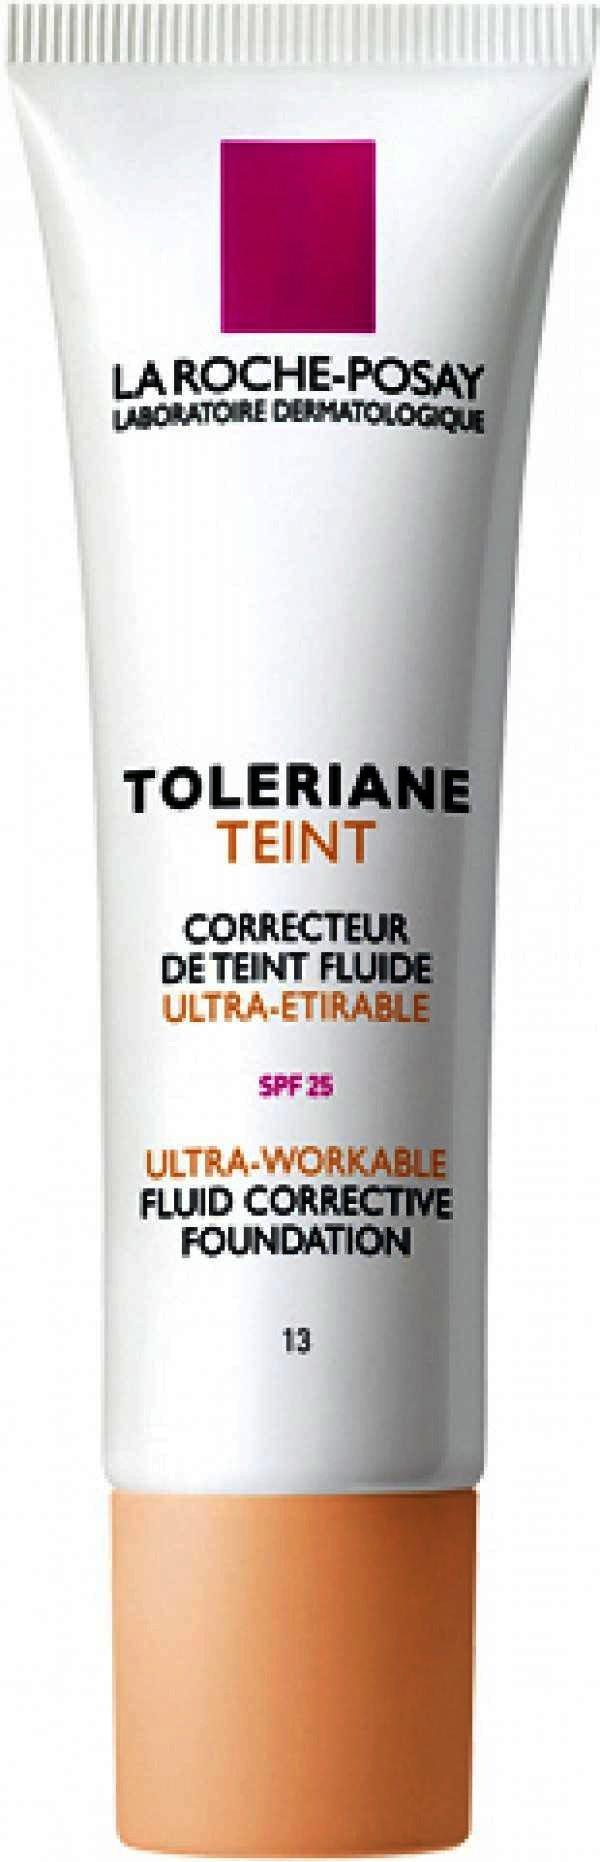 , La Roche Posay FDT Toleriane Teint Fluid 13 x 30 ml, LA ROCHE-POSAY